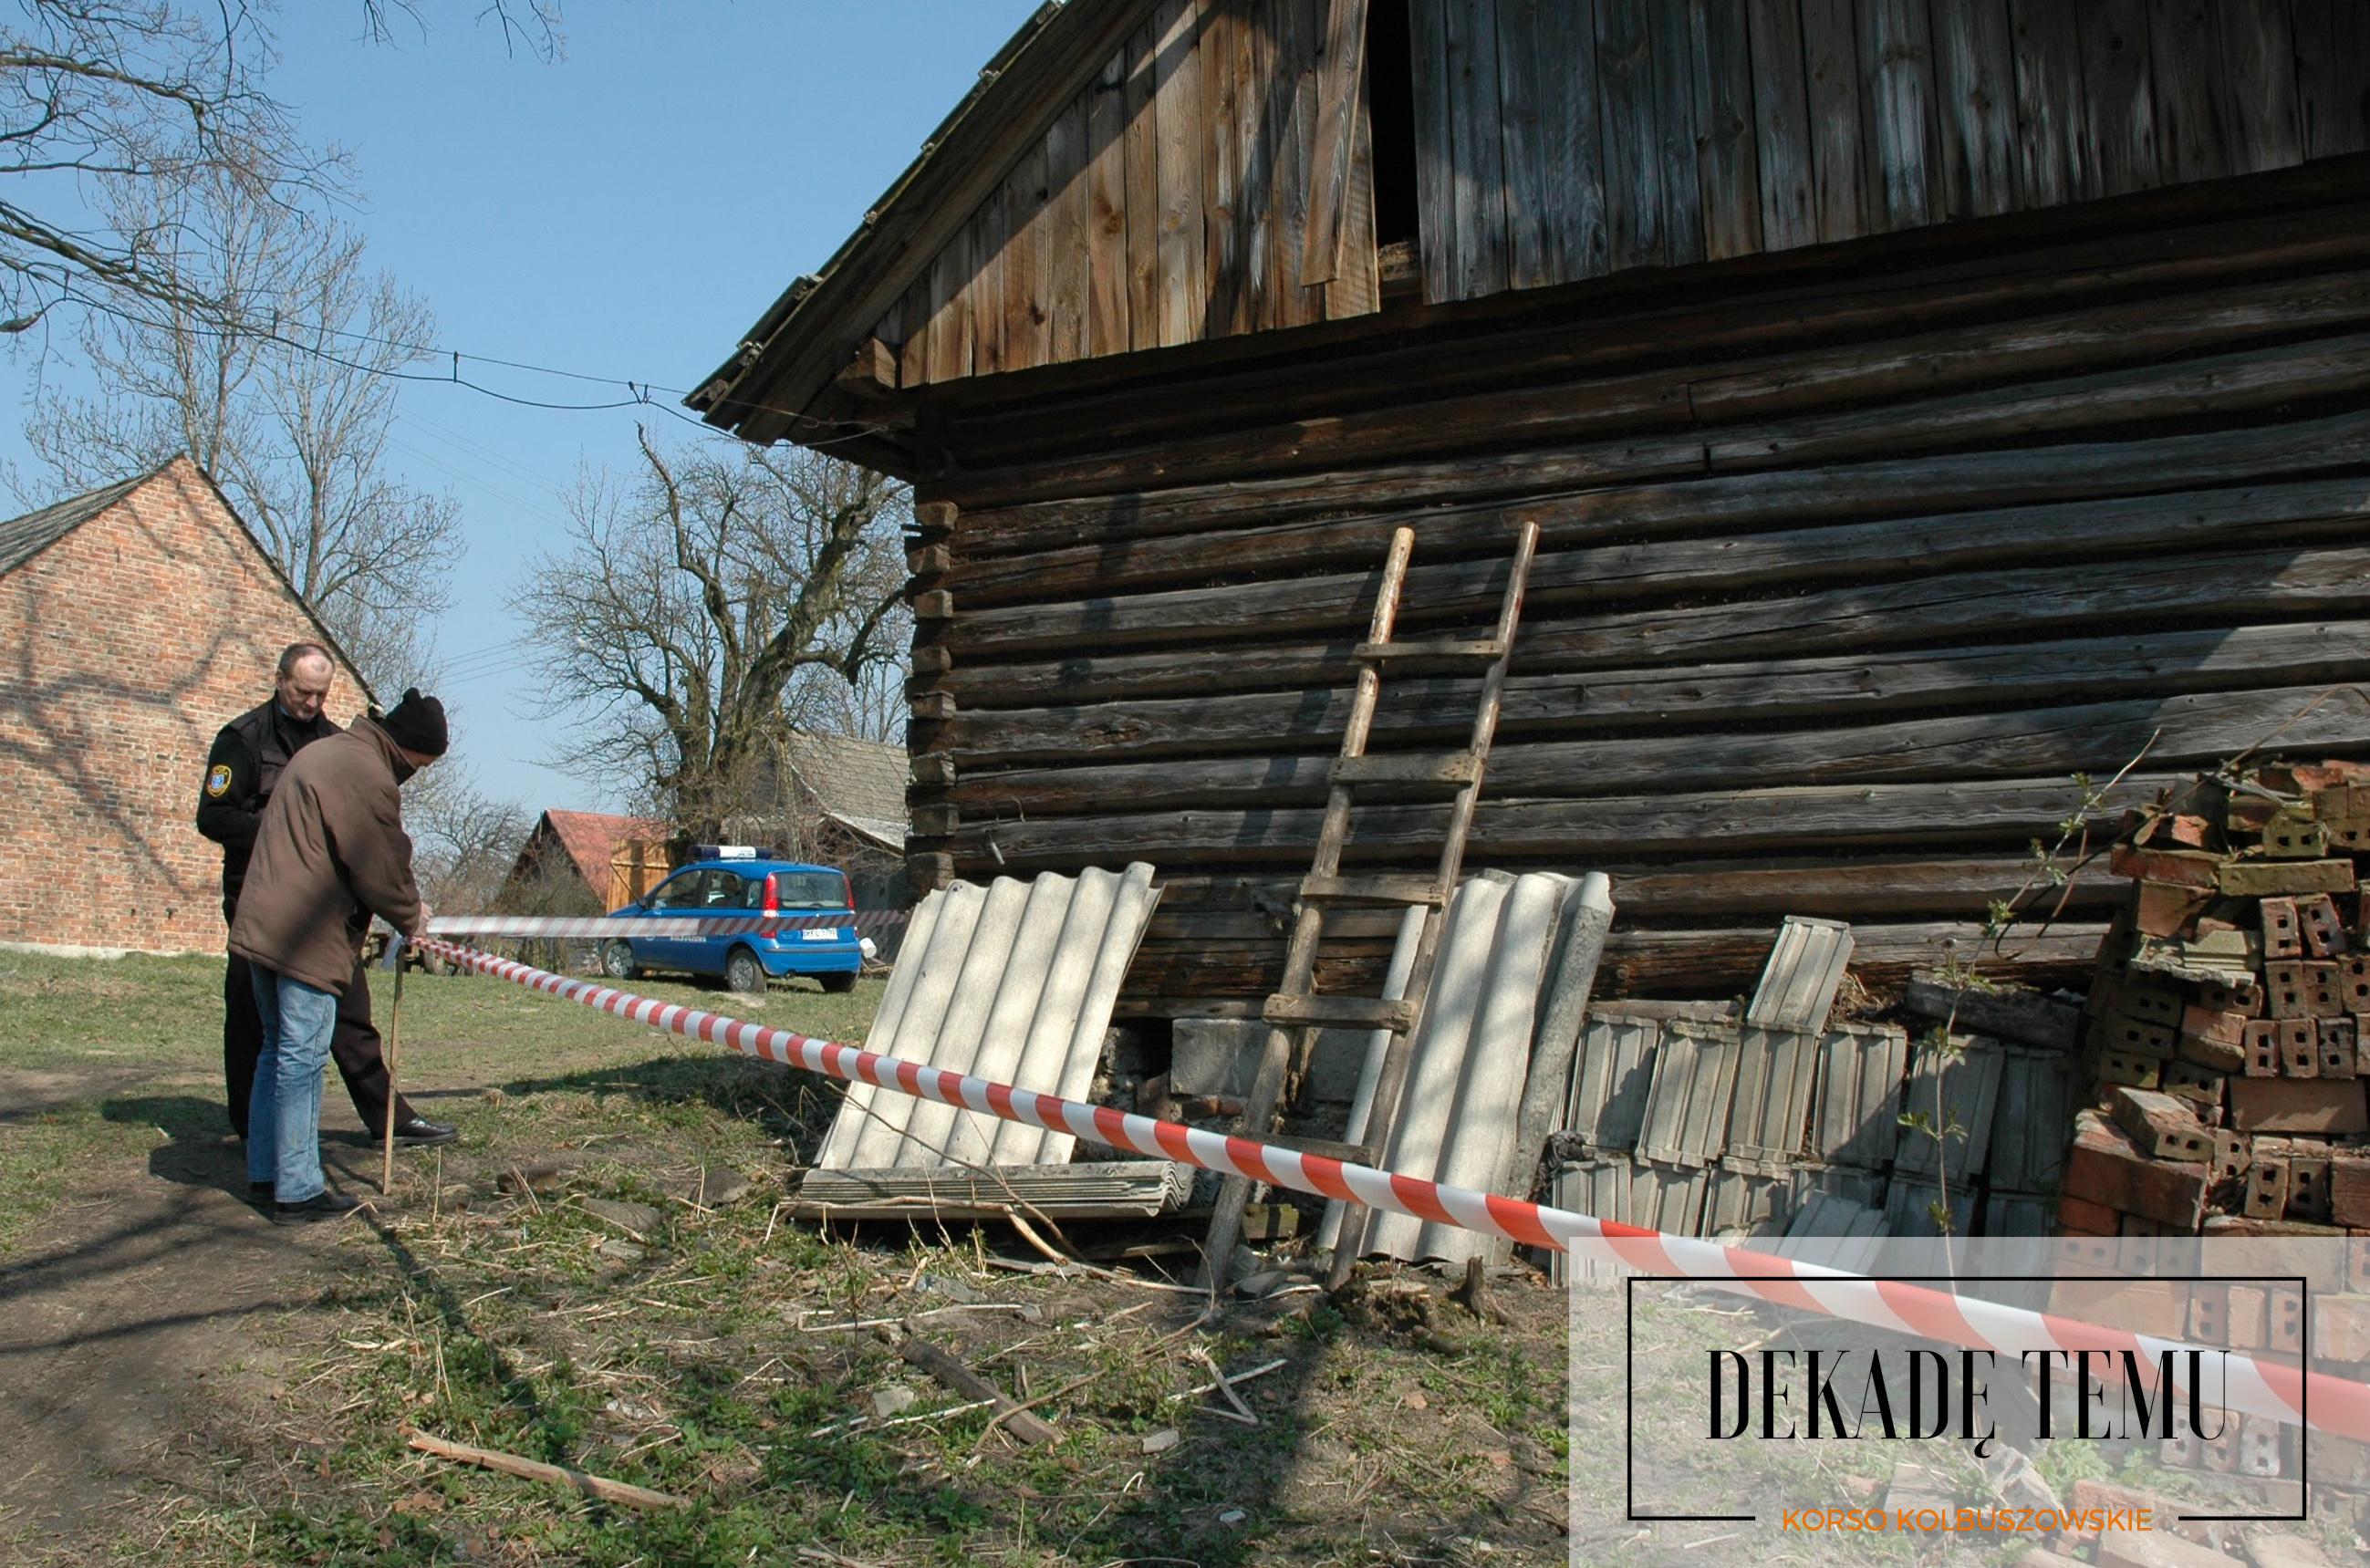 [DEKADĘ TEMU] Niewybuch znaleziony w starym domu w Weryni  - Zdjęcie główne